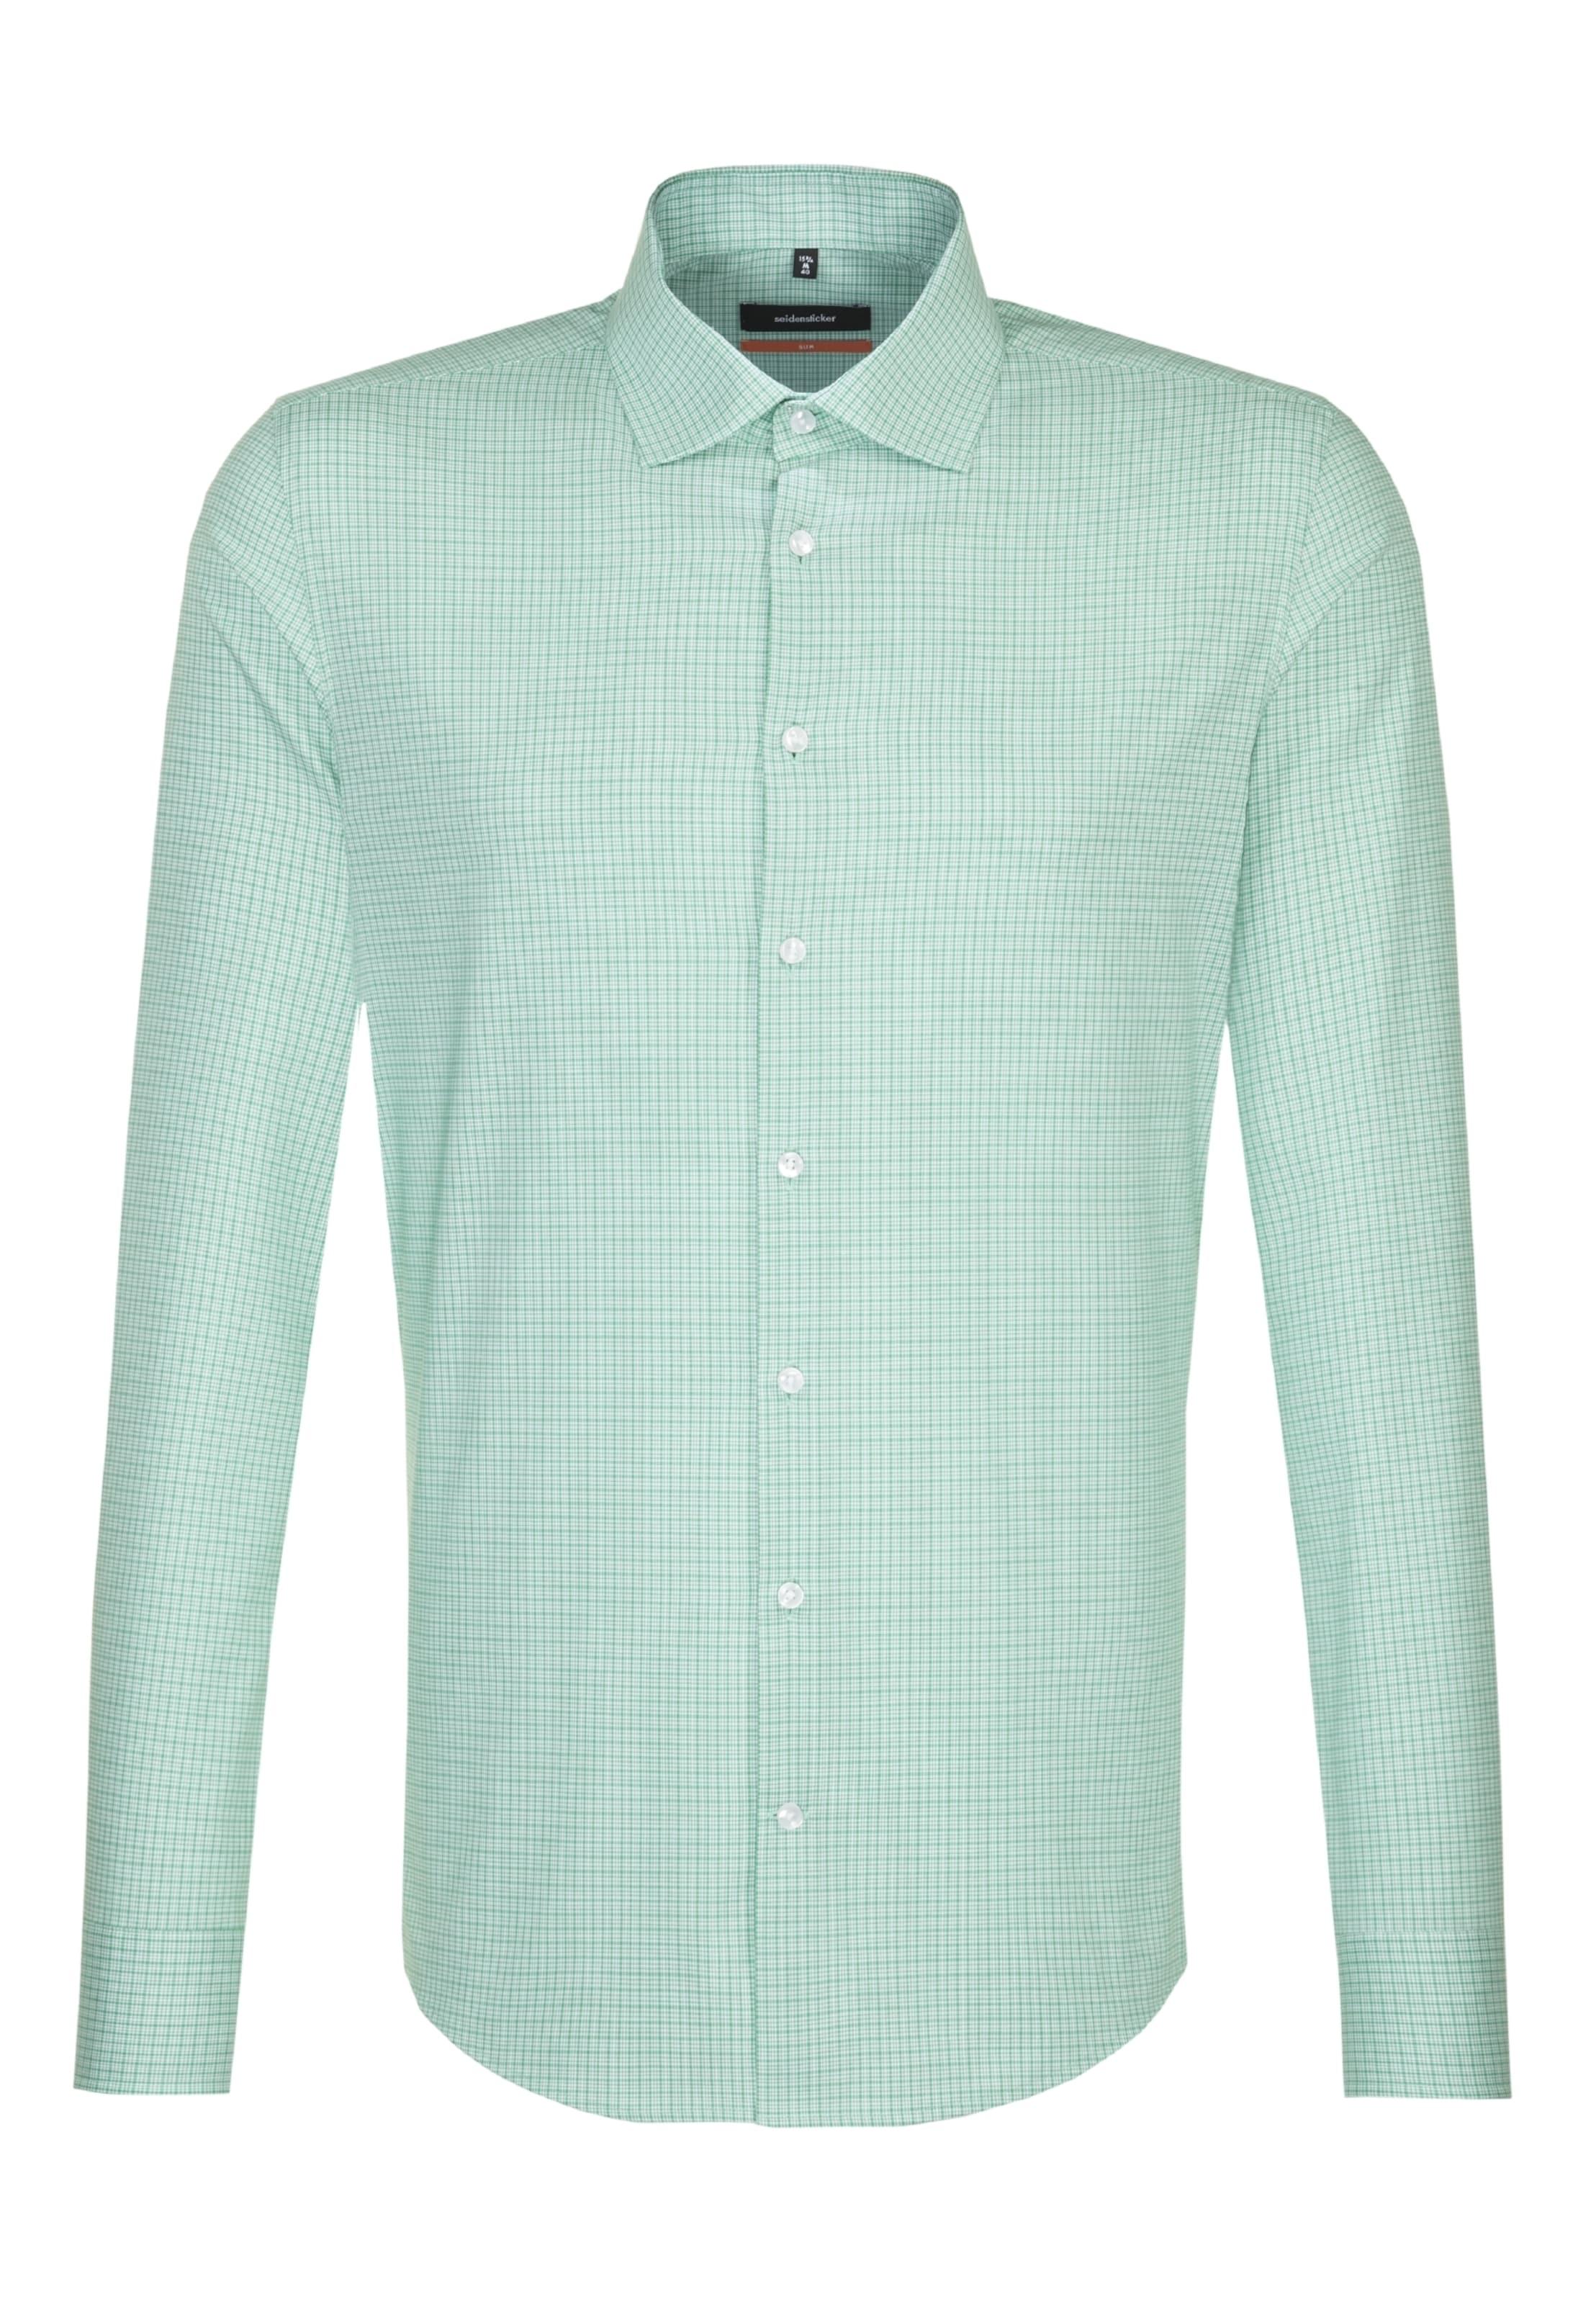 SEIDENSTICKER City-Hemd 'Slim' Empfehlen Günstigen Preis Auslass Wahl Verkauf Wählen Eine Beste Billige Neue Stile Verkauf Exklusiv sPDWl04D